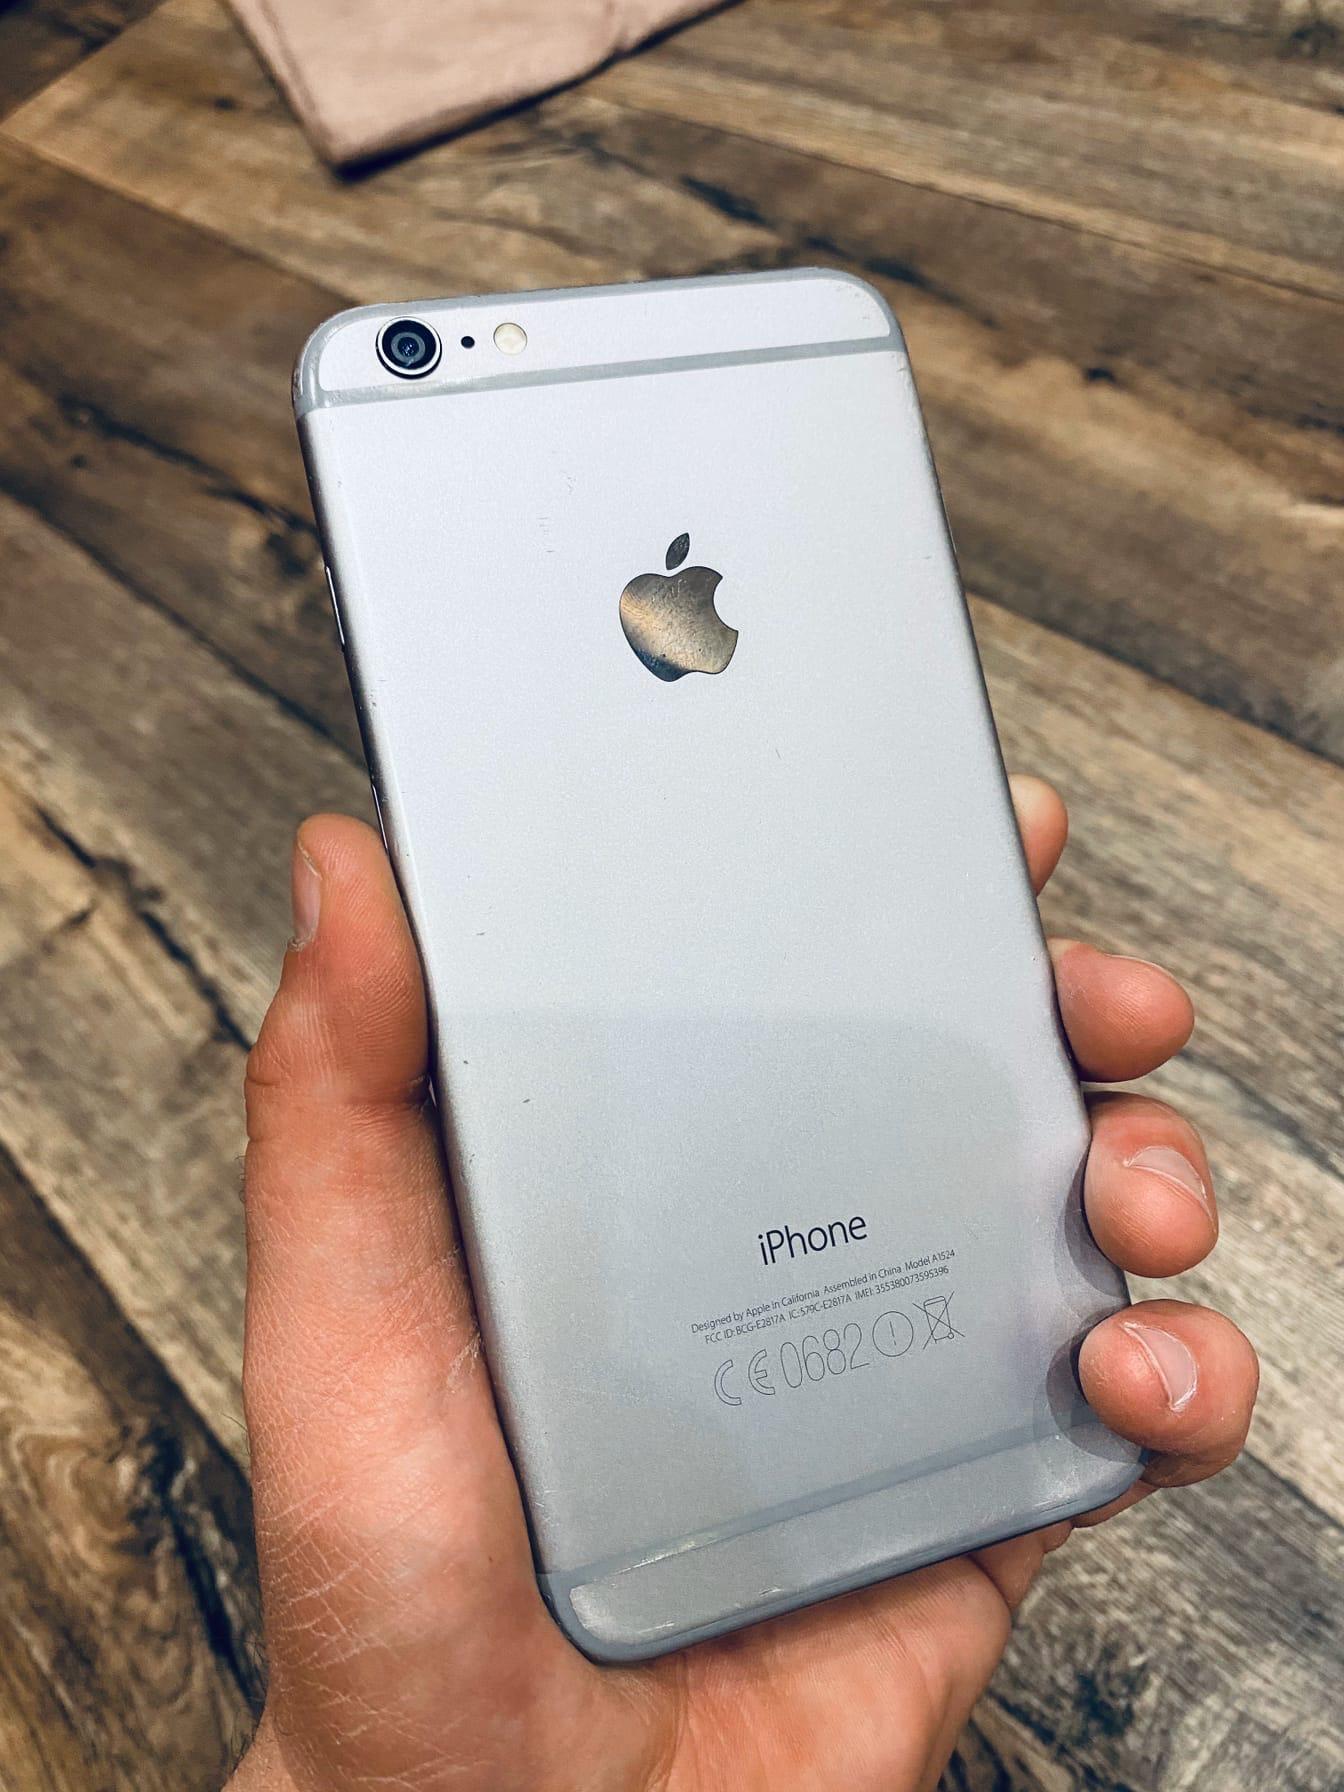 Купить iPhone 6 PLUS. Хороший объём памяти 64Gb. | Объявления Орска и Новотроицка №3661